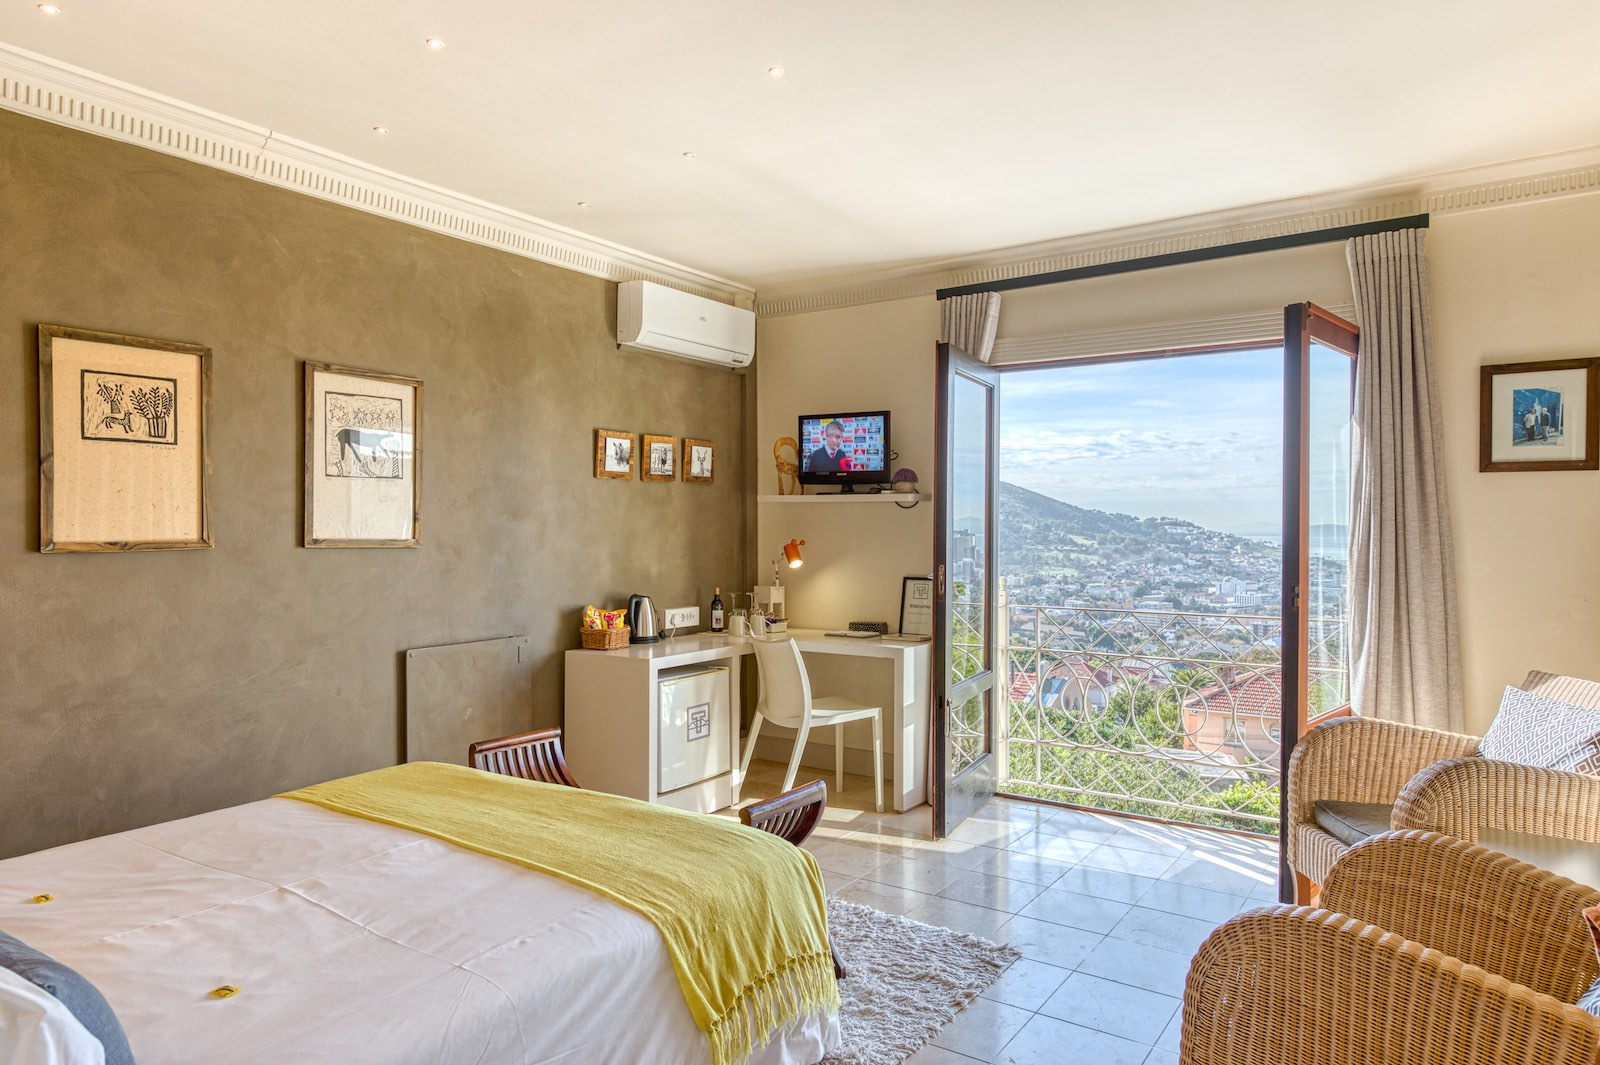 ROOM 7 de Tafelberg 107